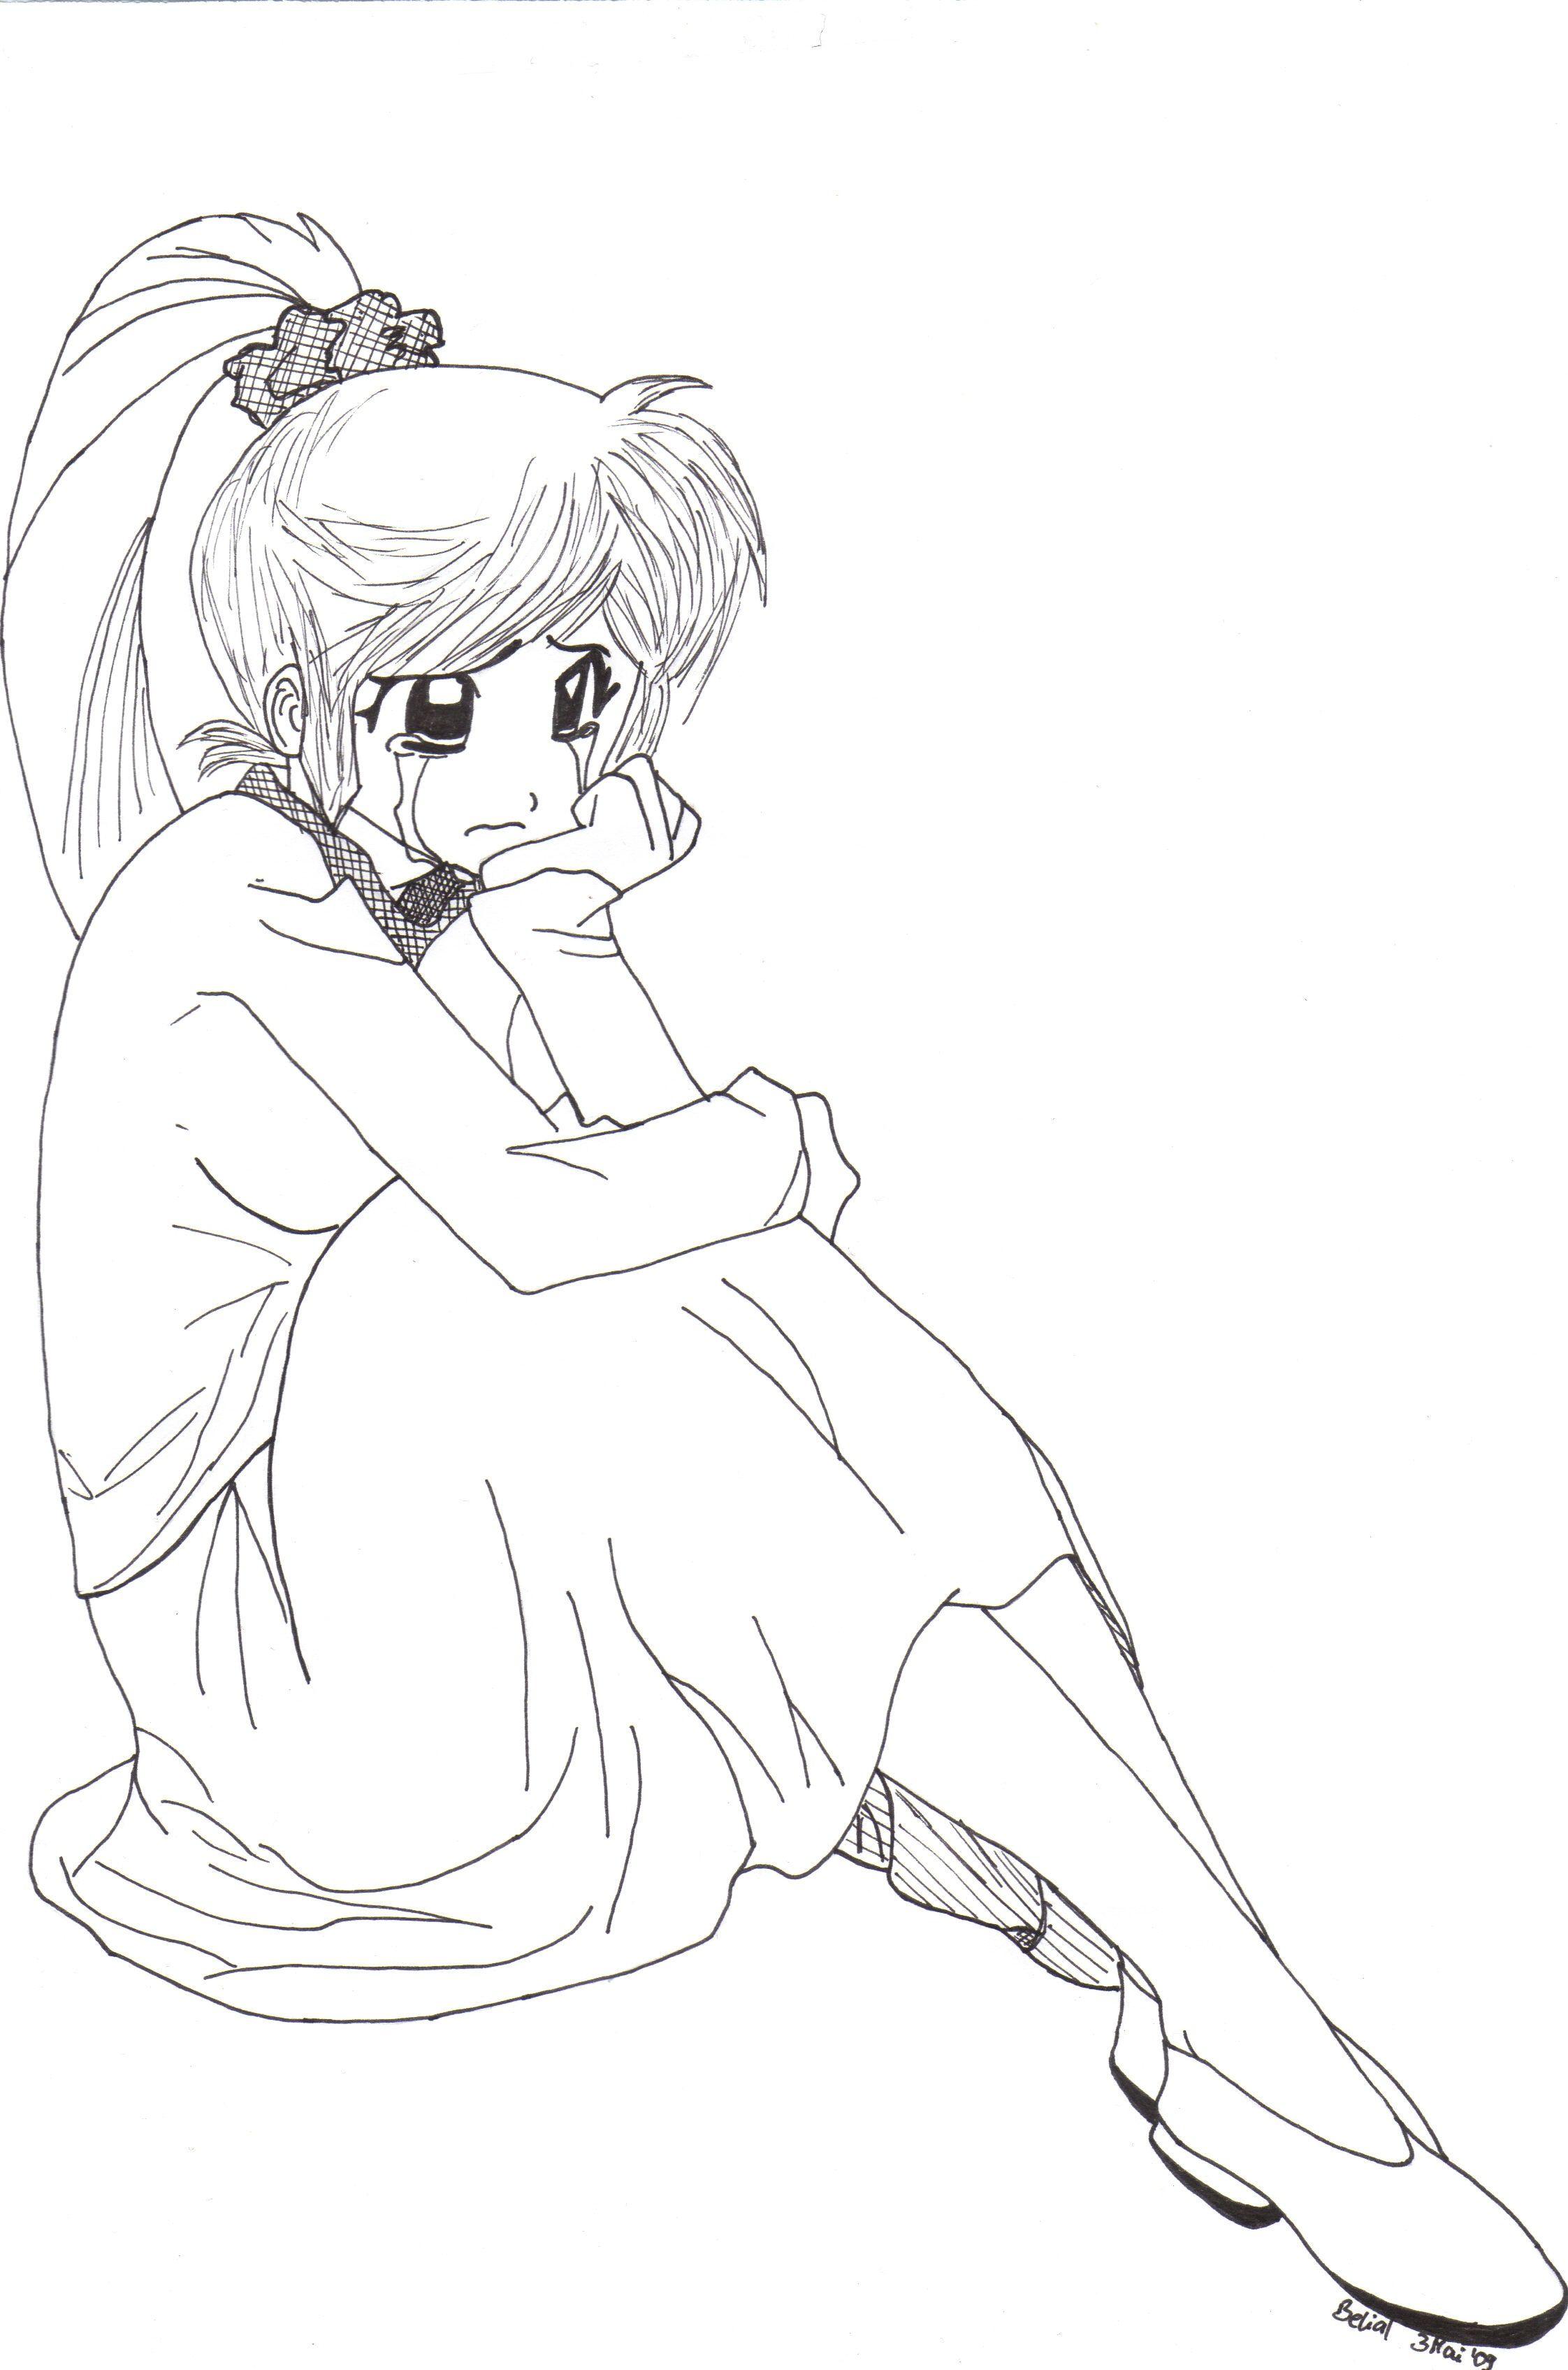 Anime Fee Malvorlagen Webartisan Me Ausmalbilder Zum Ausdrucken Anime Wolf Ausmalbilder